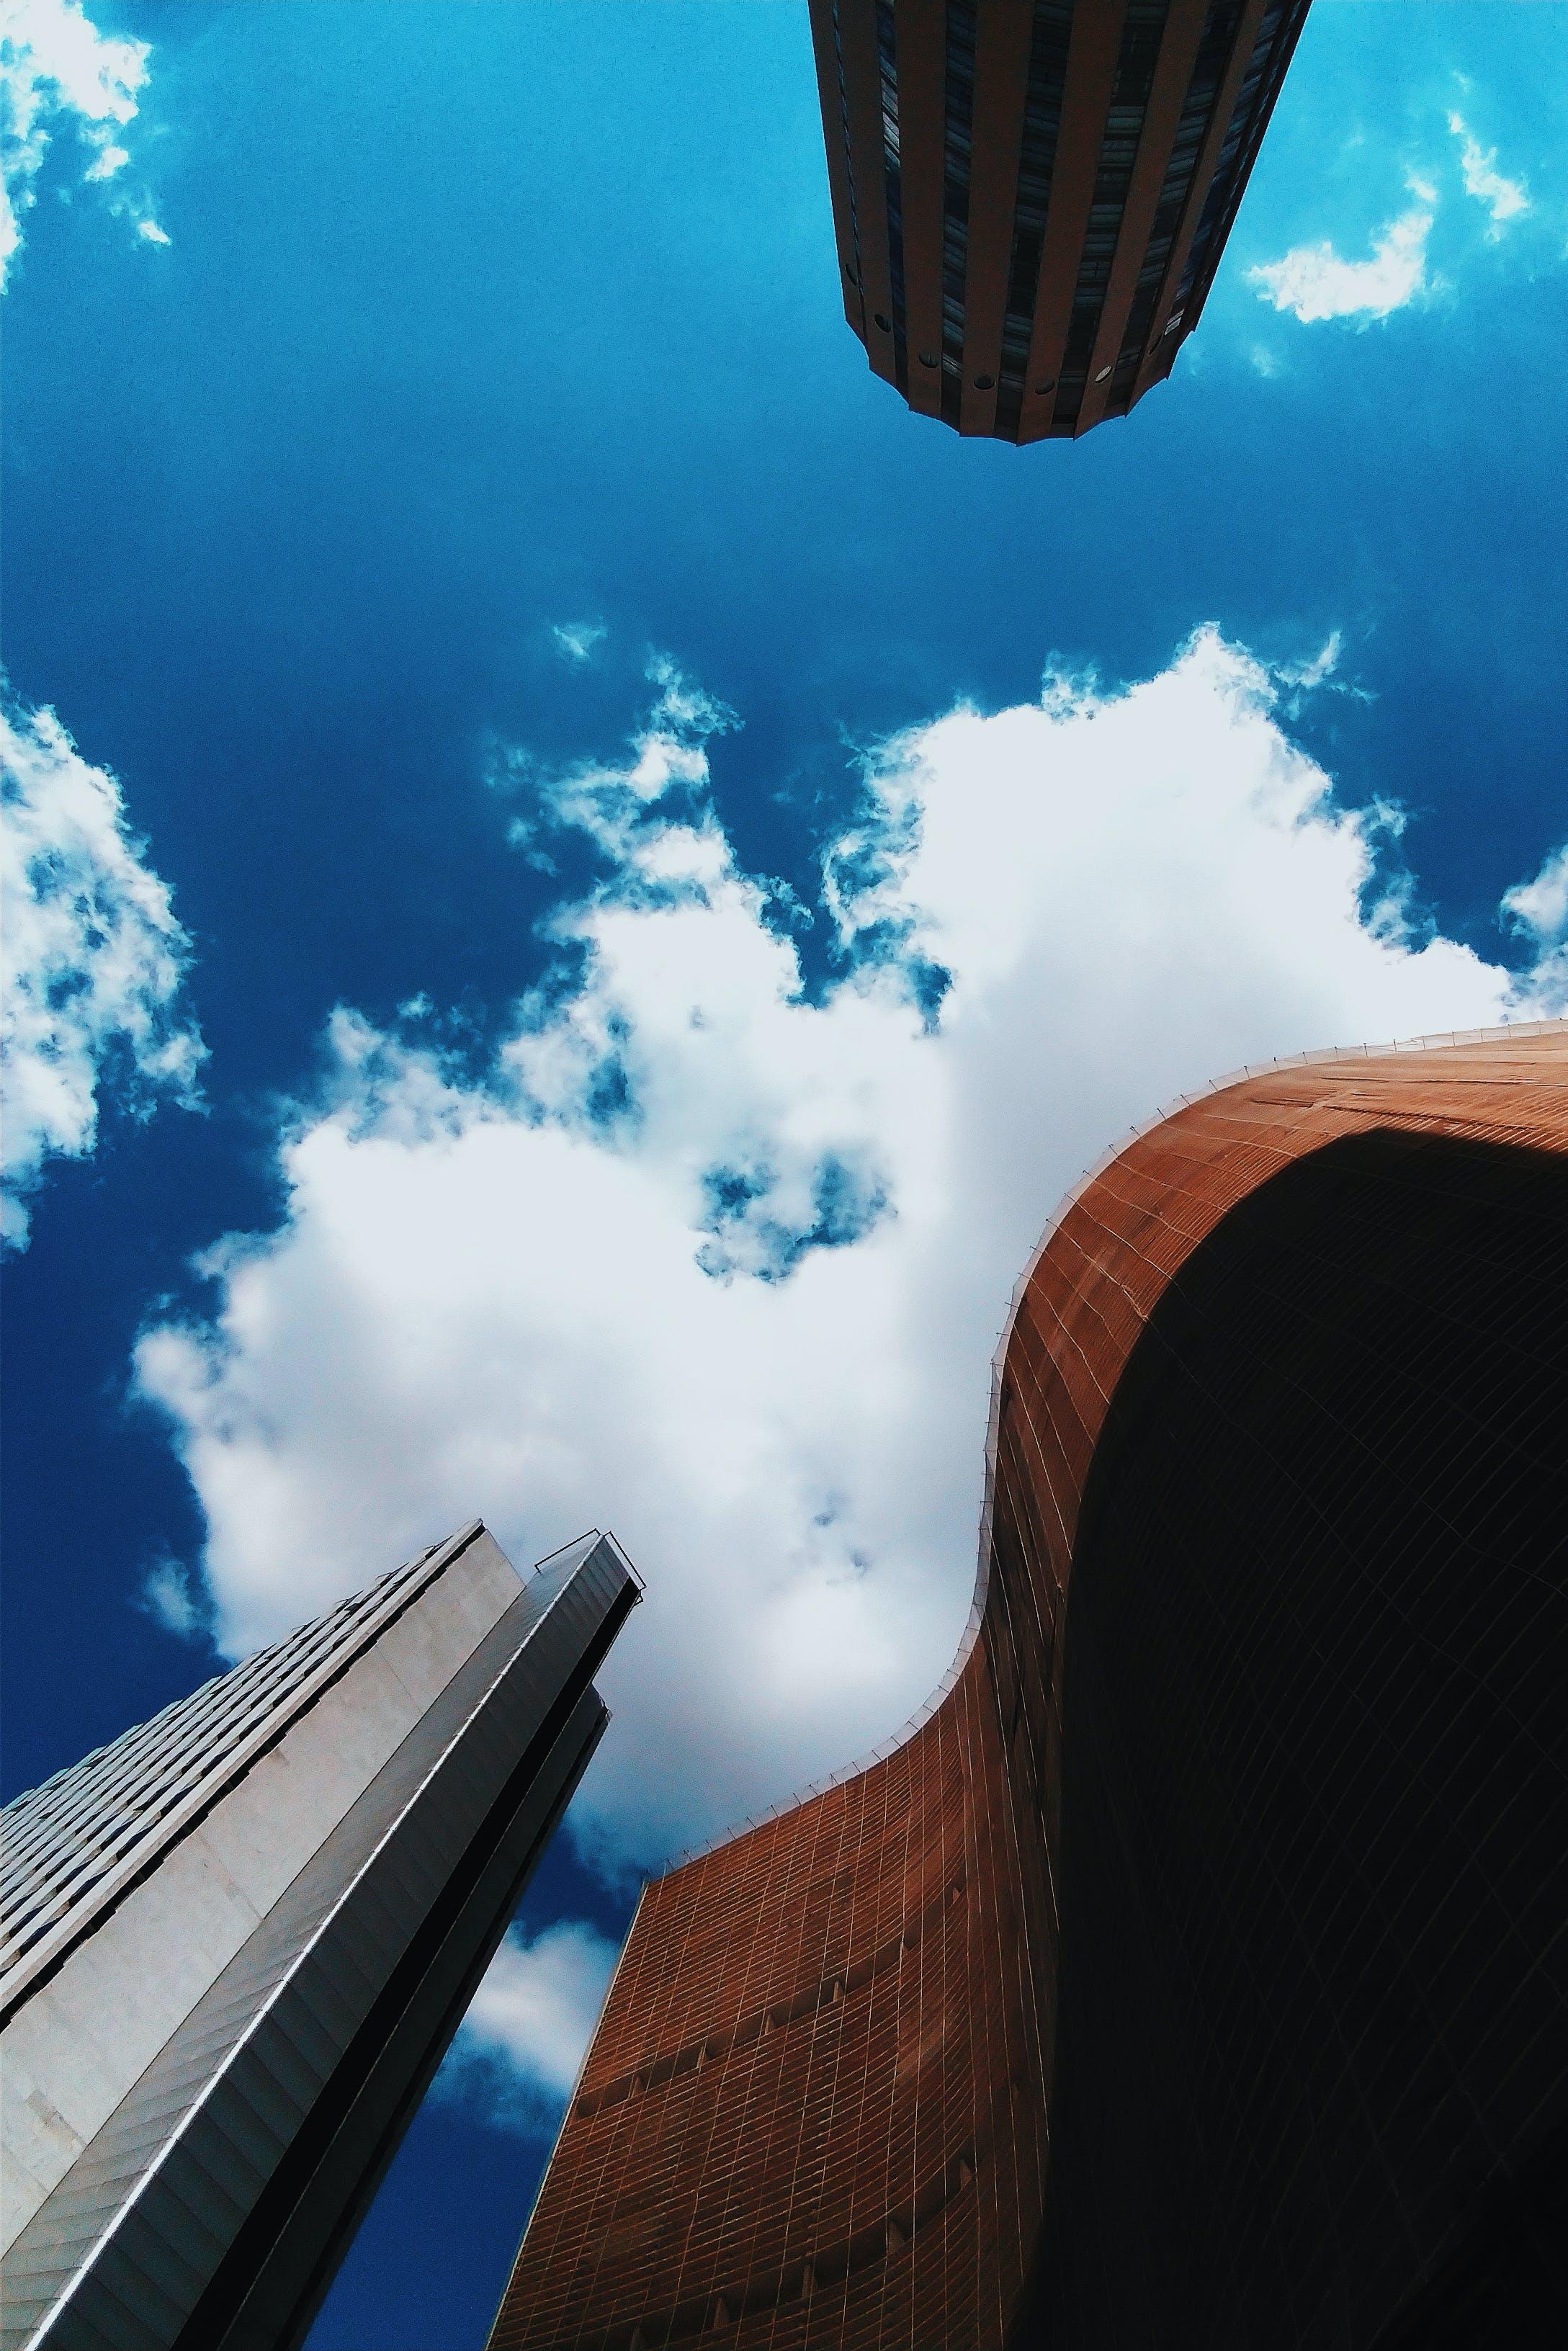 açık, binalar, bulutlar, dar açılı çekim içeren Ücretsiz stok fotoğraf